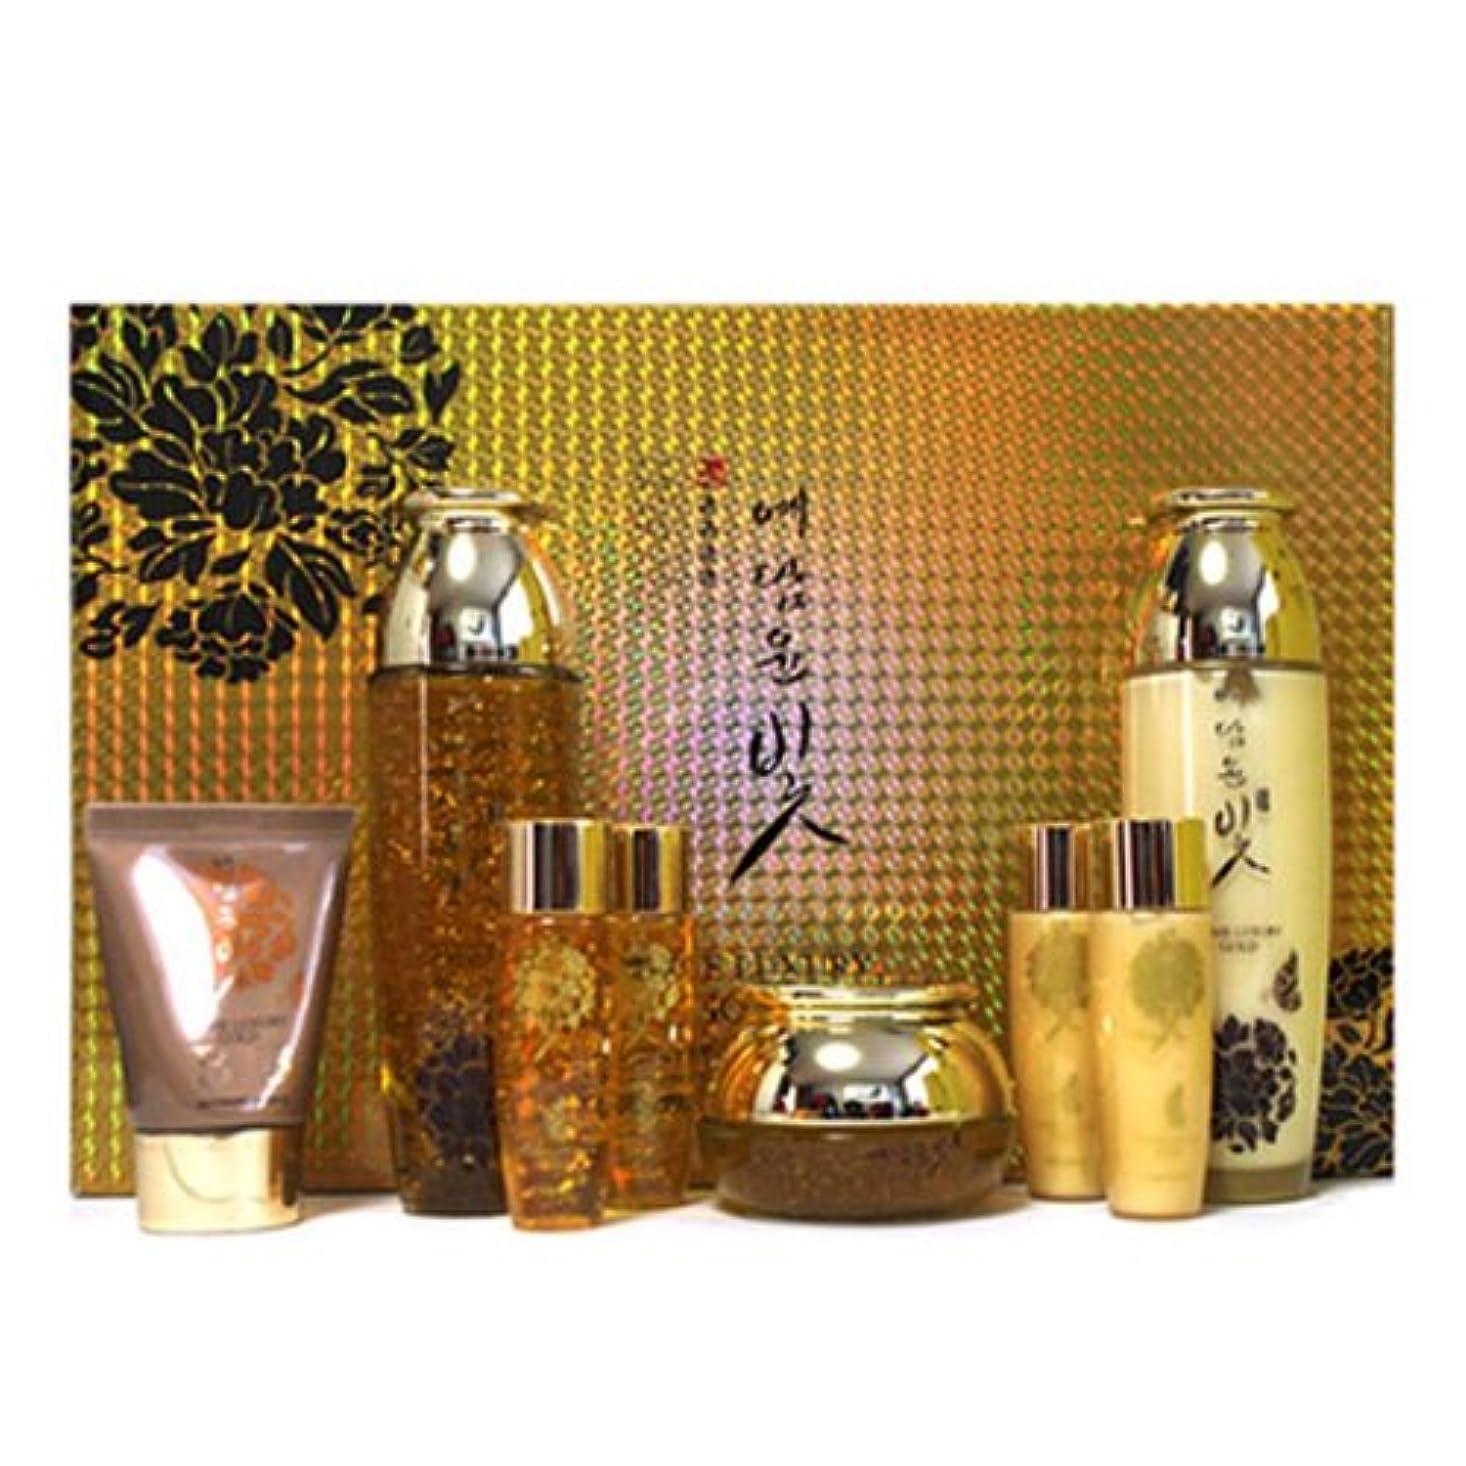 作るチェスをするチェスイェダムユンビト[韓国コスメYedam Yun Bit]Prime Luxury Gold Skin Care Set プライムラグジュアリーゴールドスキンケア4セット 樹液 乳液 クリーム/ BBクリーム [並行輸入品]